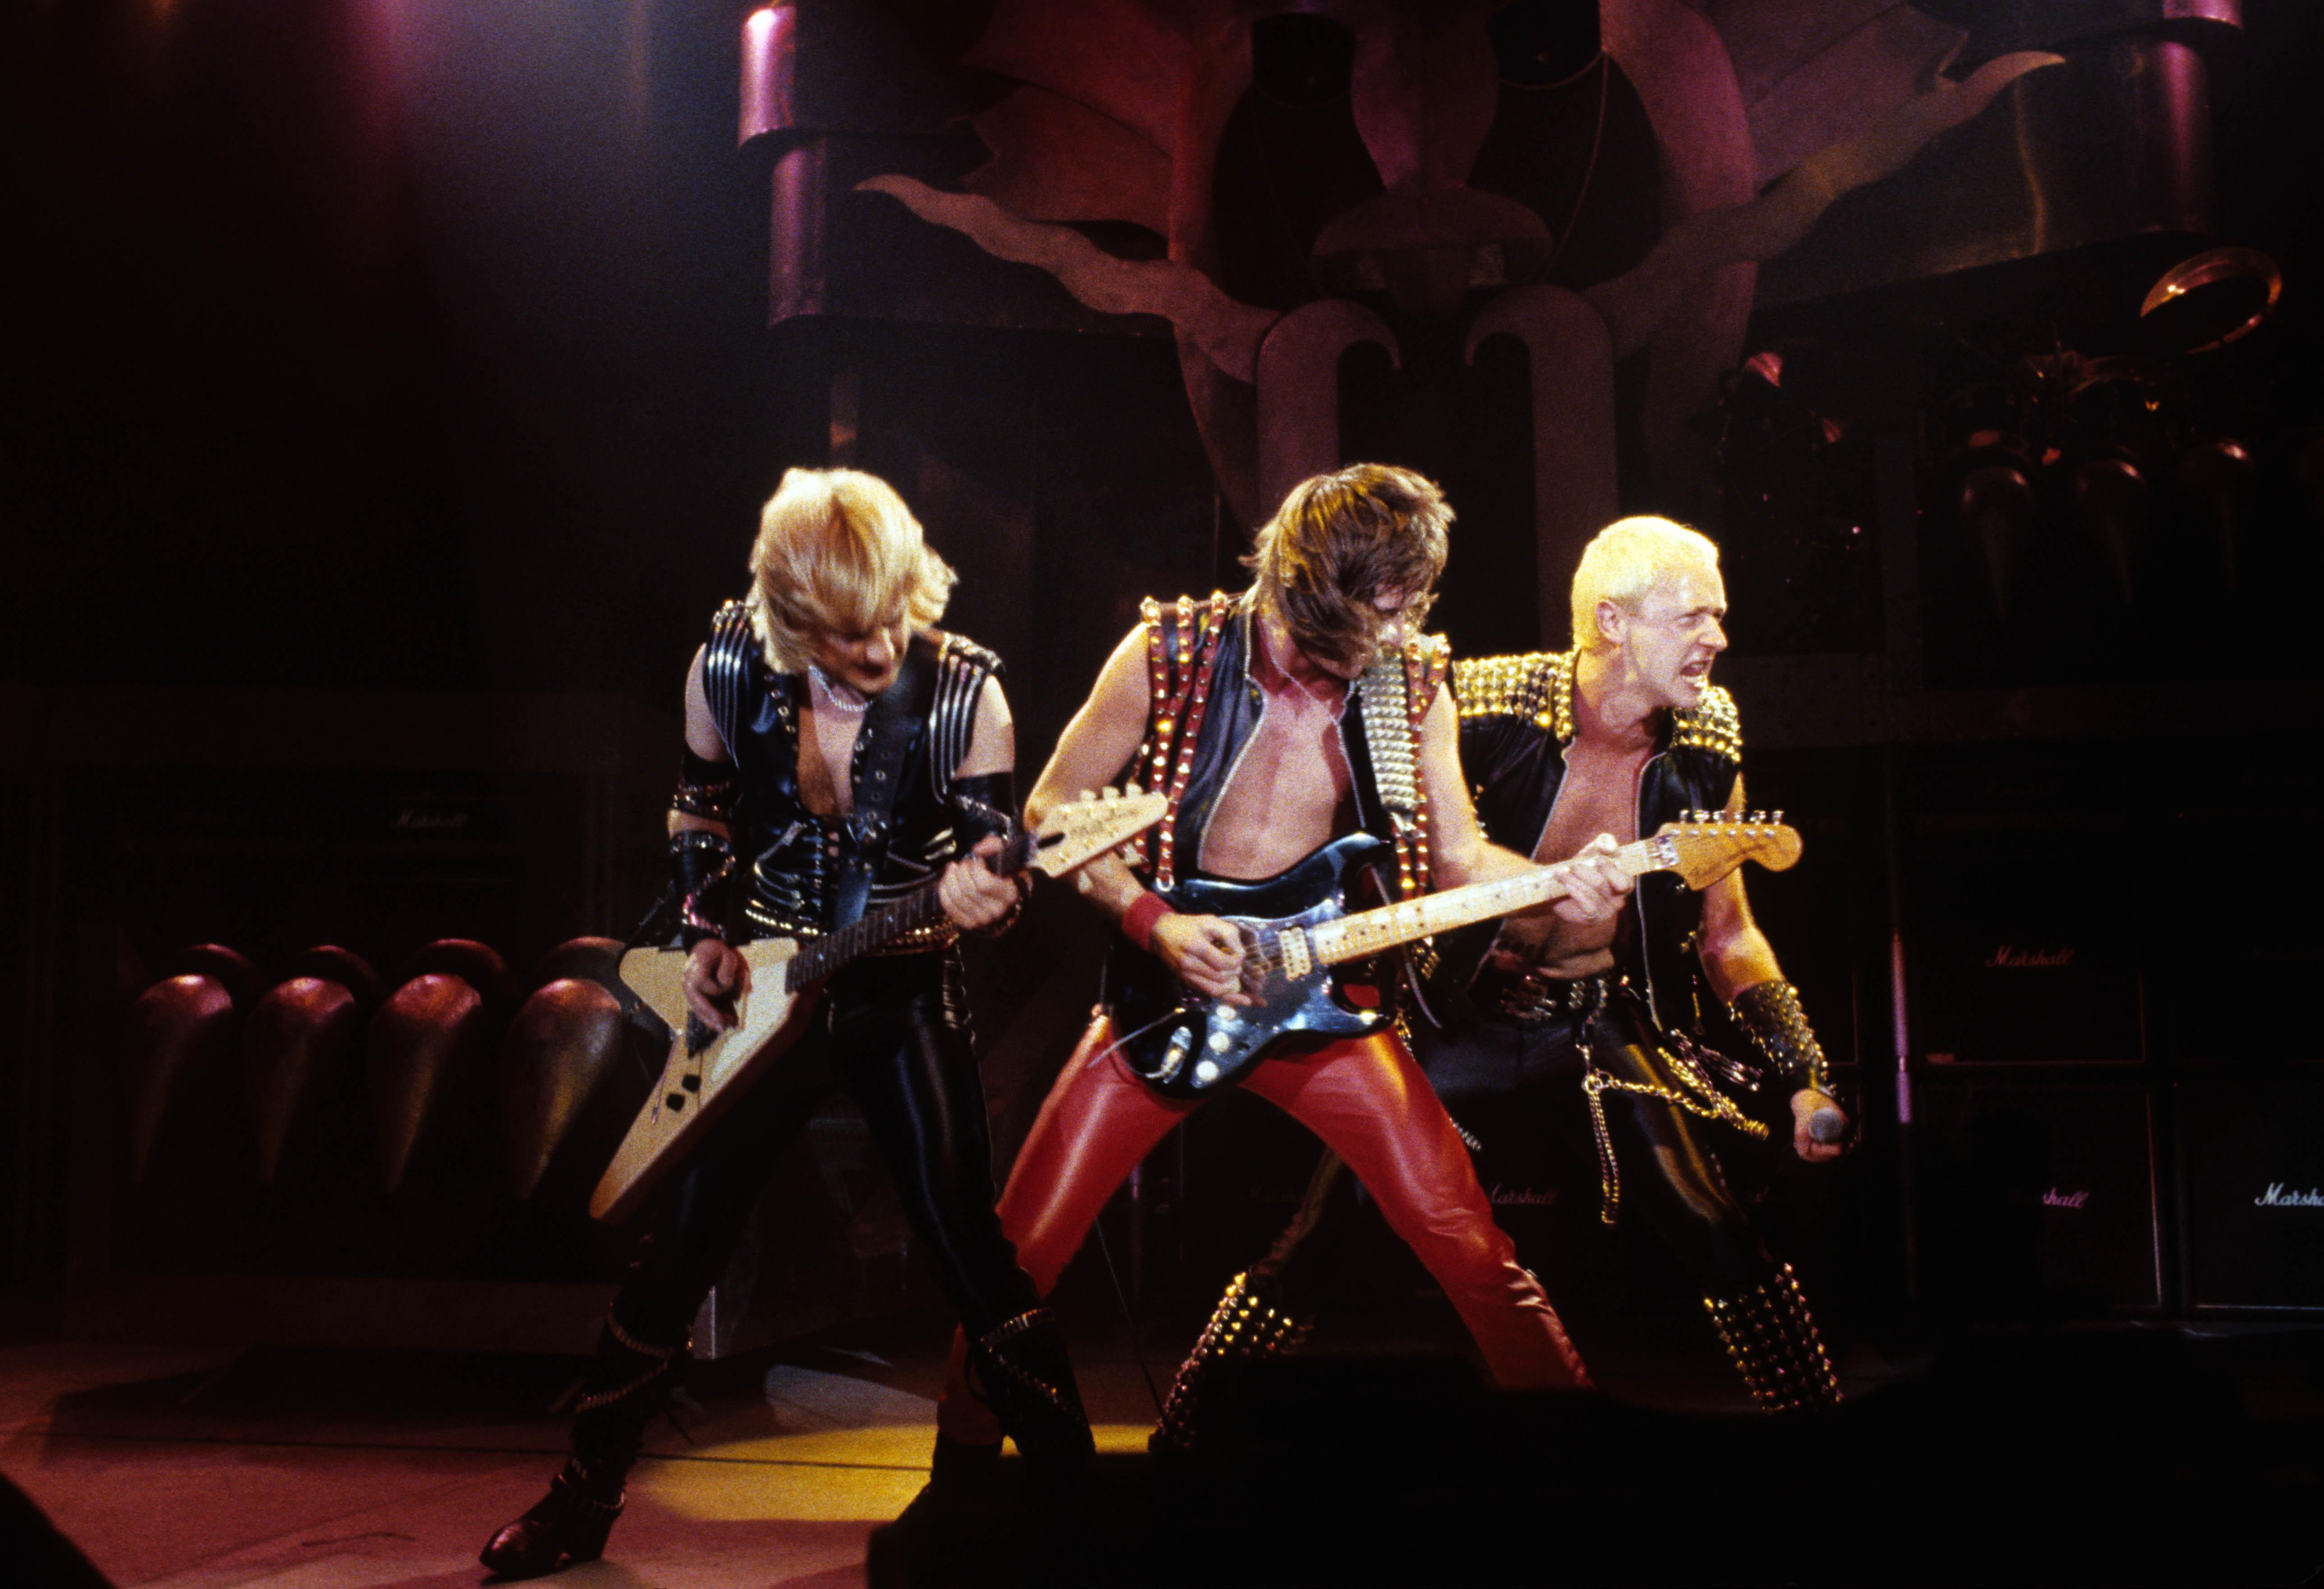 Judas Priest Hd Desktop